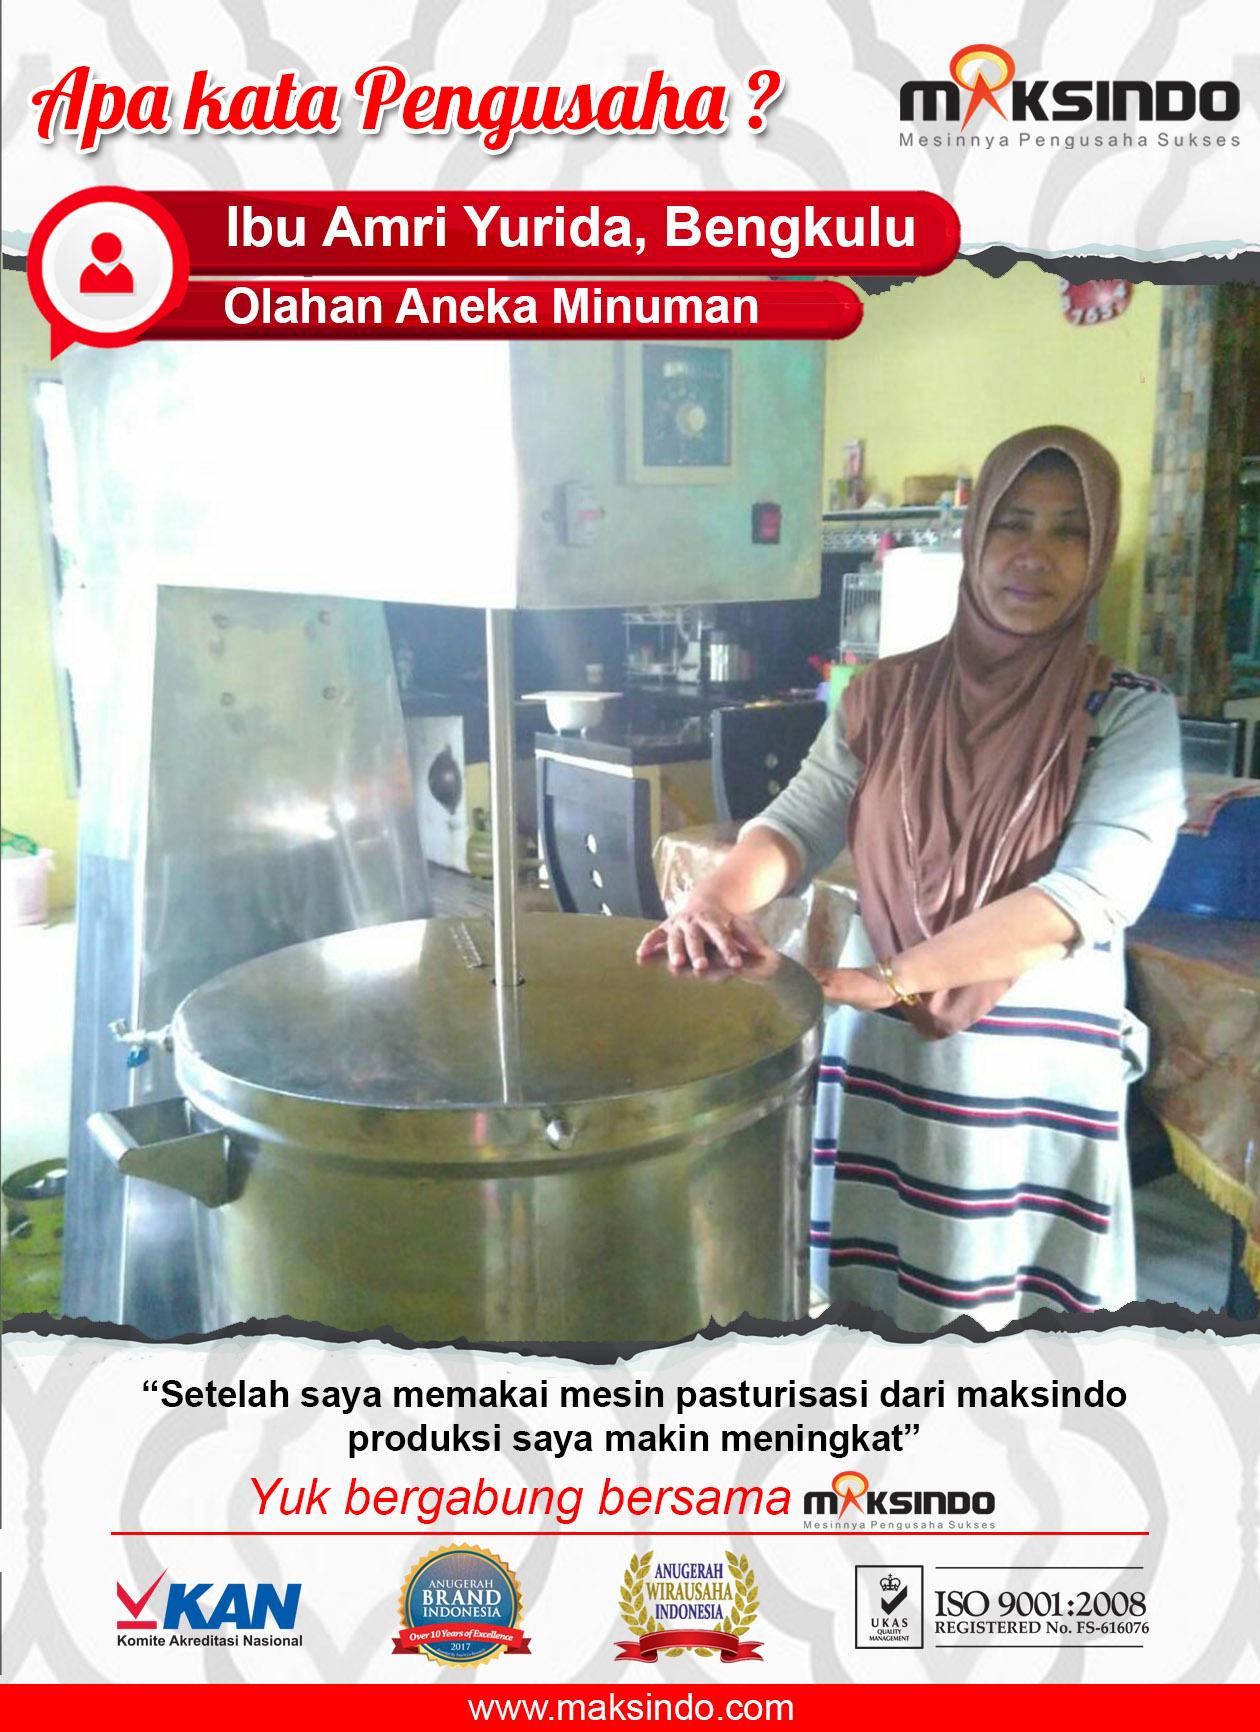 Olahan Aneka Minuman :  Produksi Makin Meningkat Dengan Pasteurisasi Maksindo